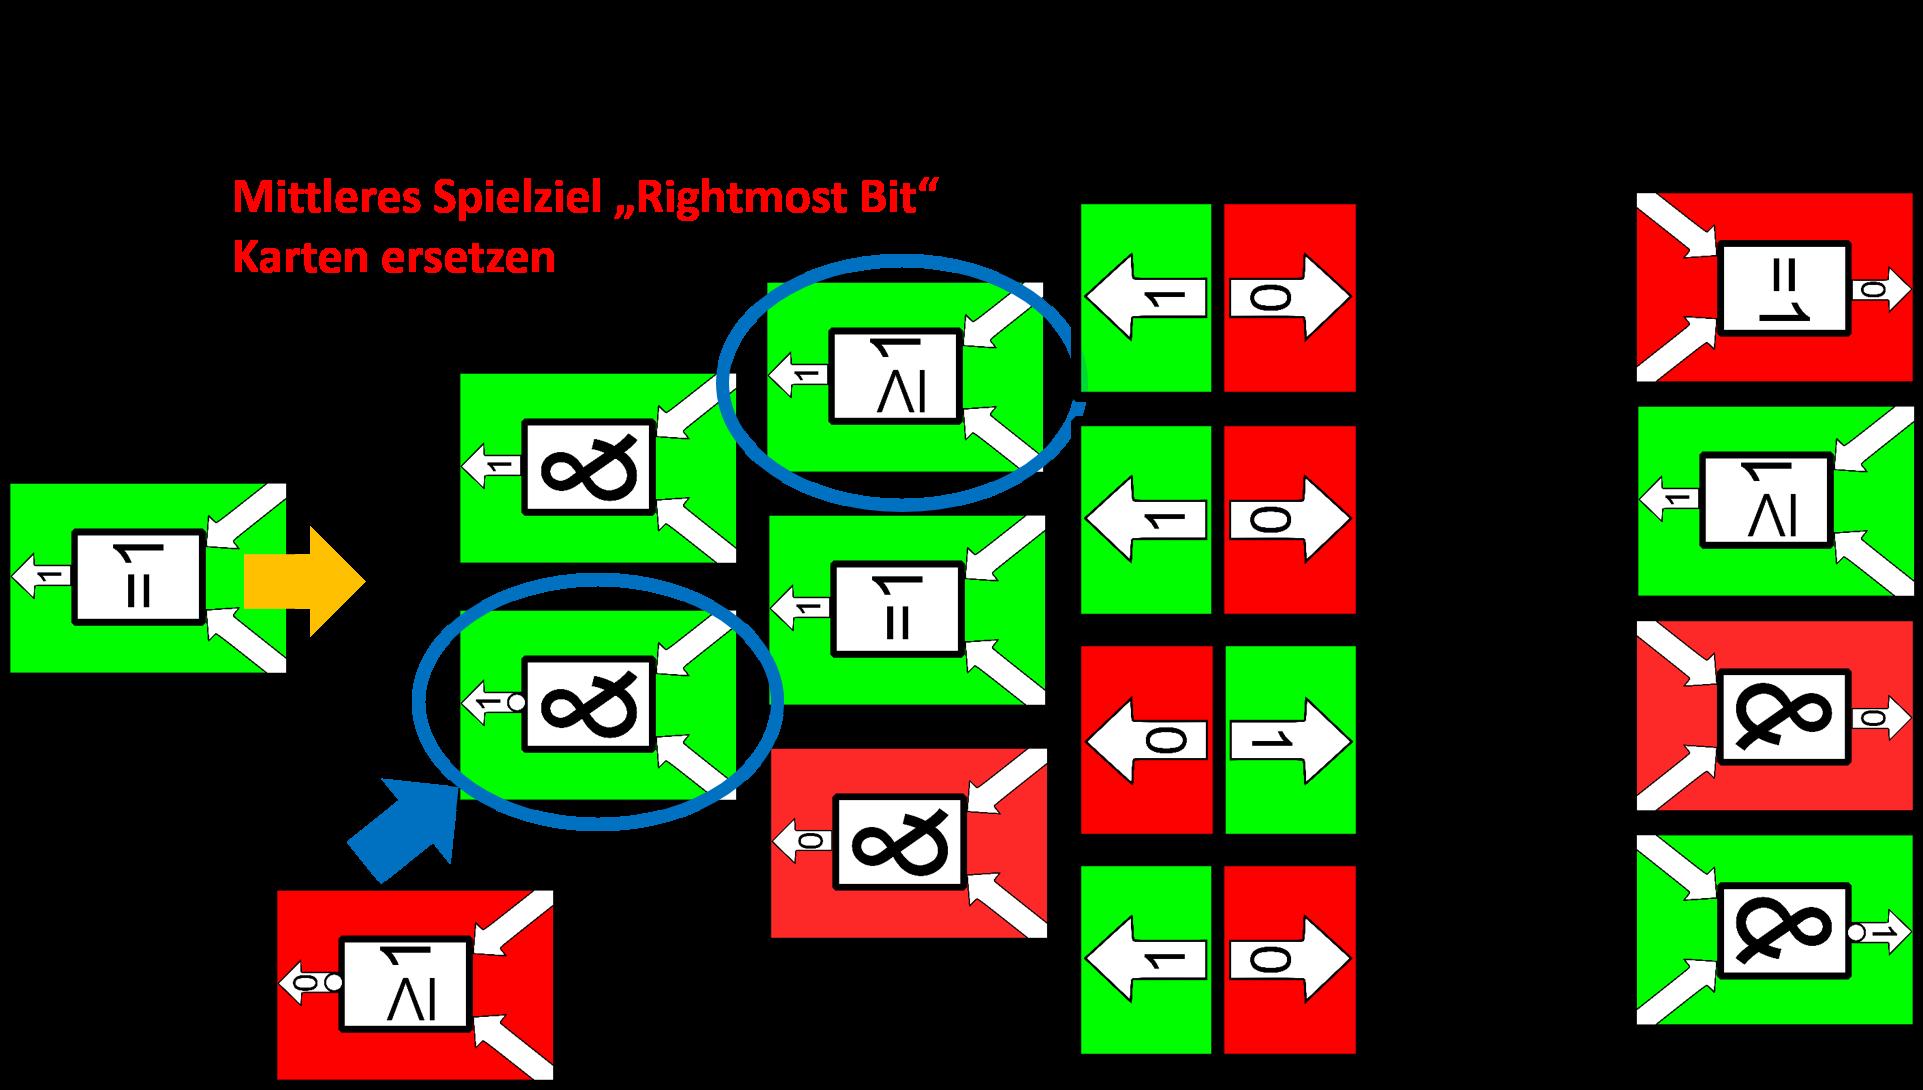 Spielziel_rightmostBit_KartenErsetzen